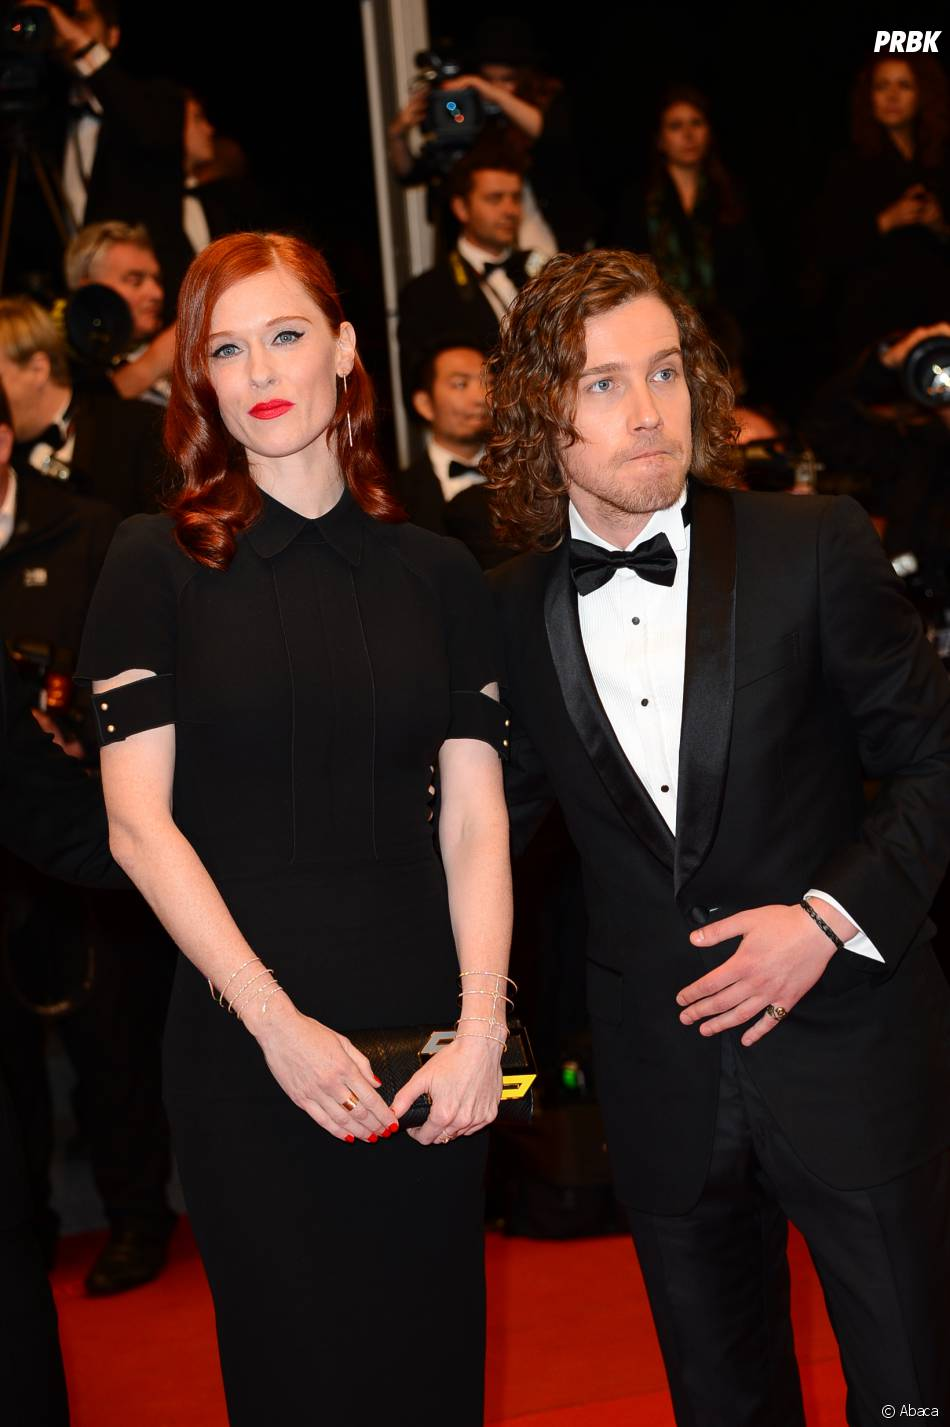 Julien Doré et l'actrice Audrey Fleurot sur le tapis rouge de Cannes en 2013